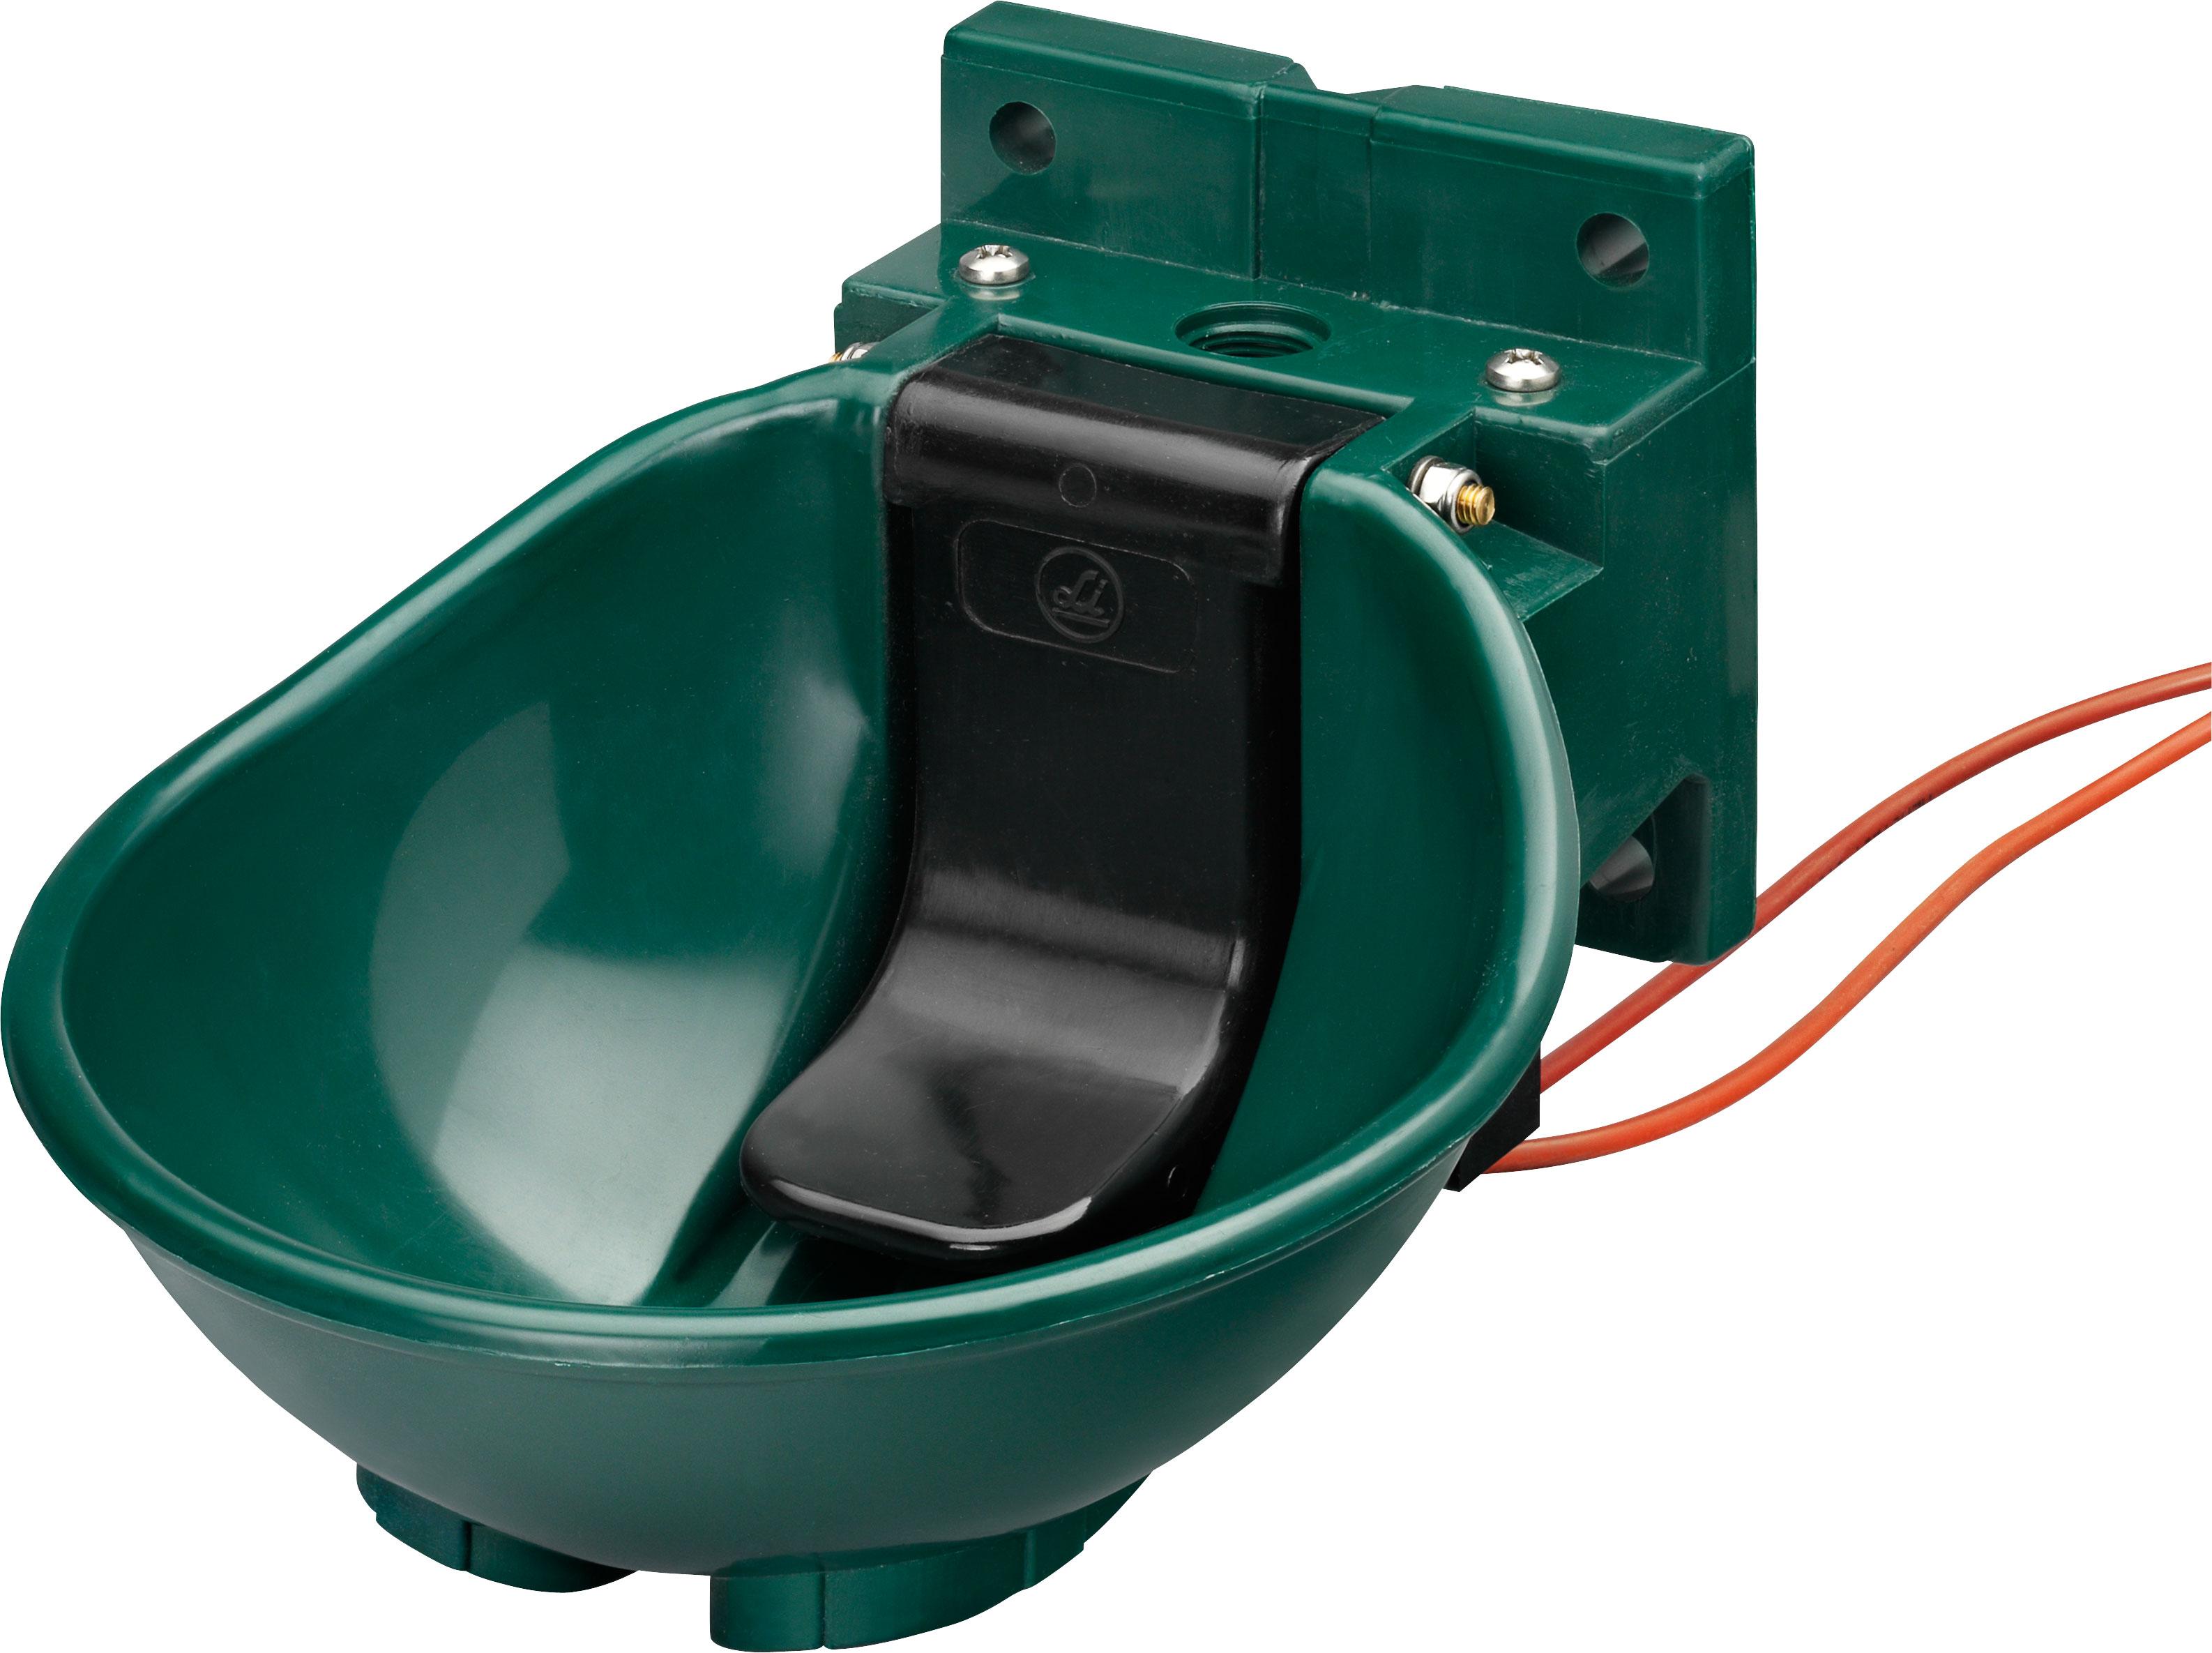 Tränkebecken SB 2 H mit Heizkabel 230 Volt / 45 Watt (Frostschutz bis ca. -30°C)